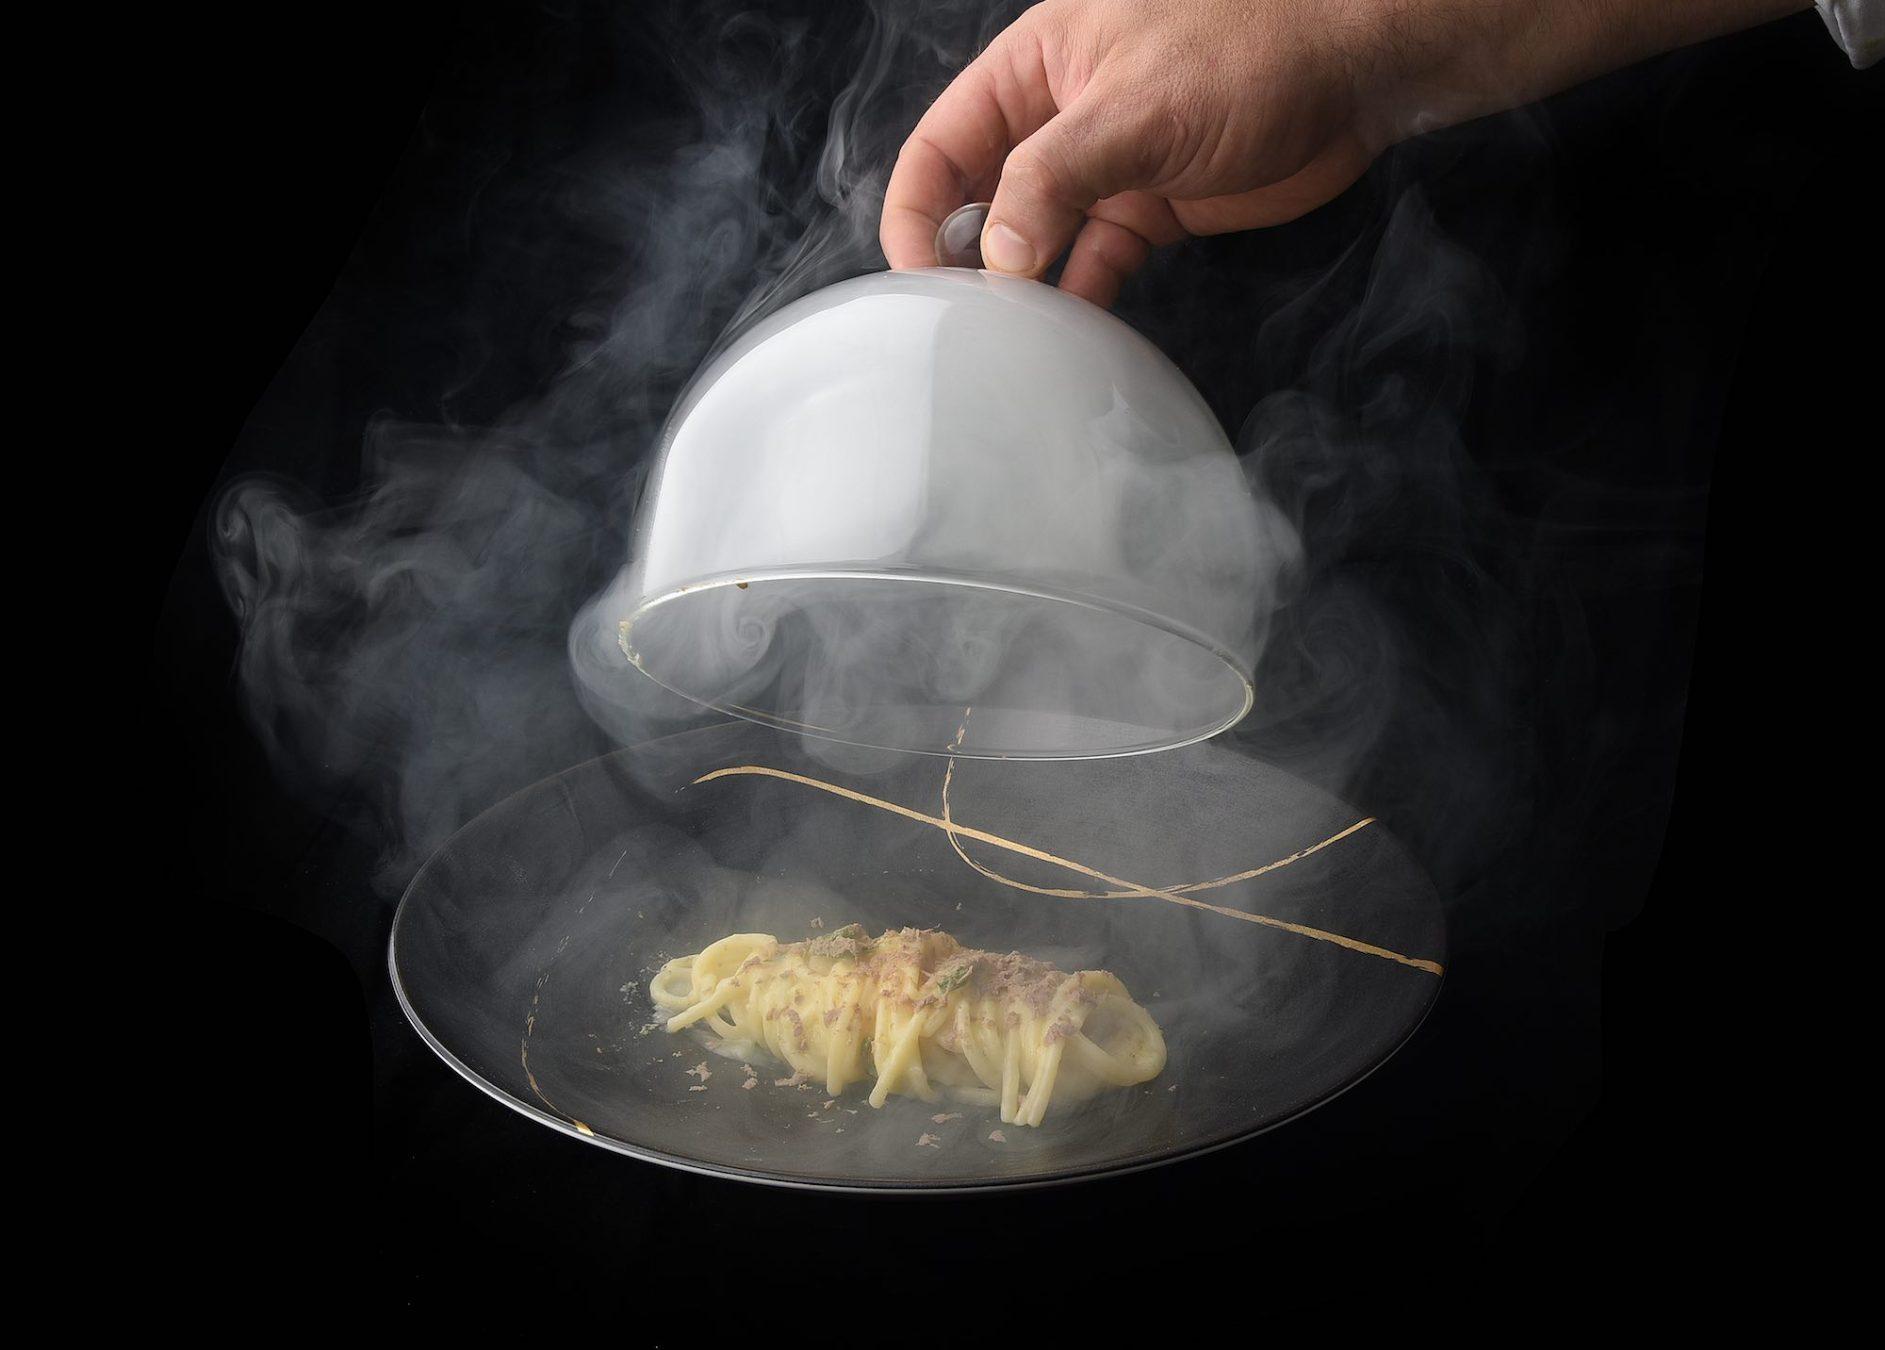 Spaghetti al fumo dello chef Nicola Micheletti della Locanda Sant'Agata a San Giuliano Terme, in Toscana